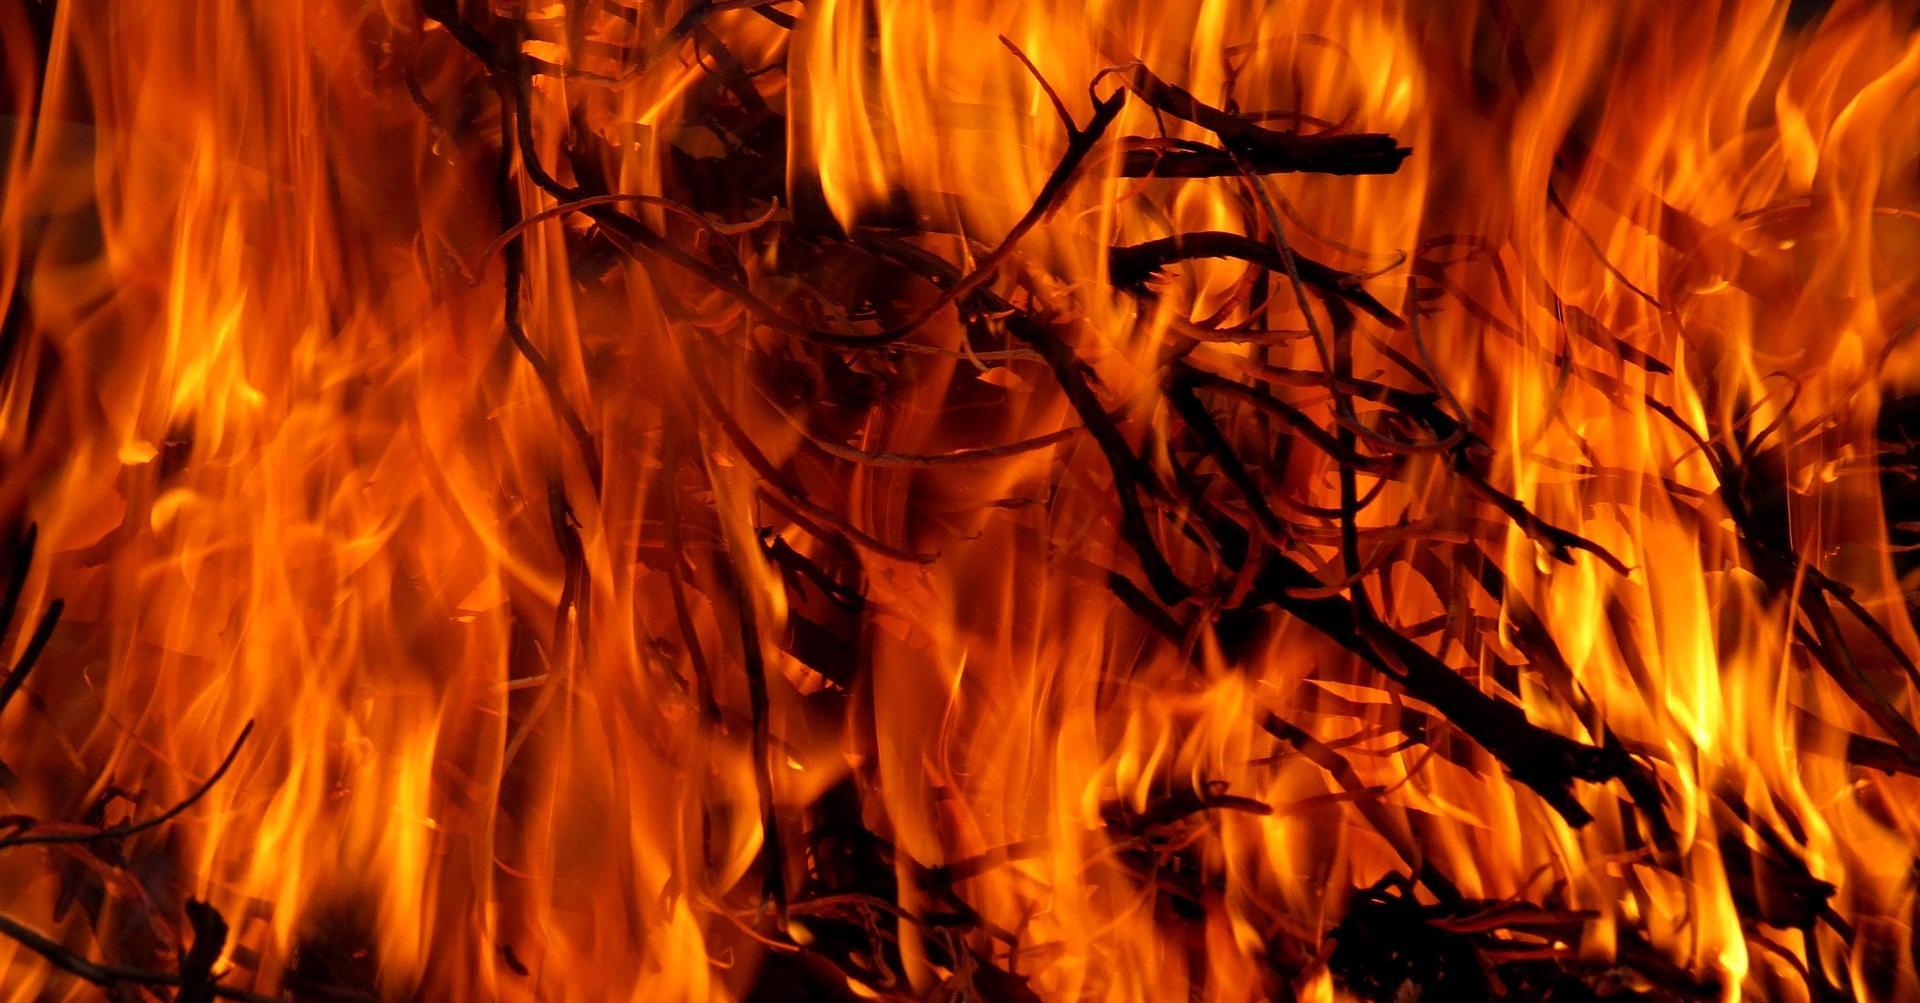 fire-717504_1920